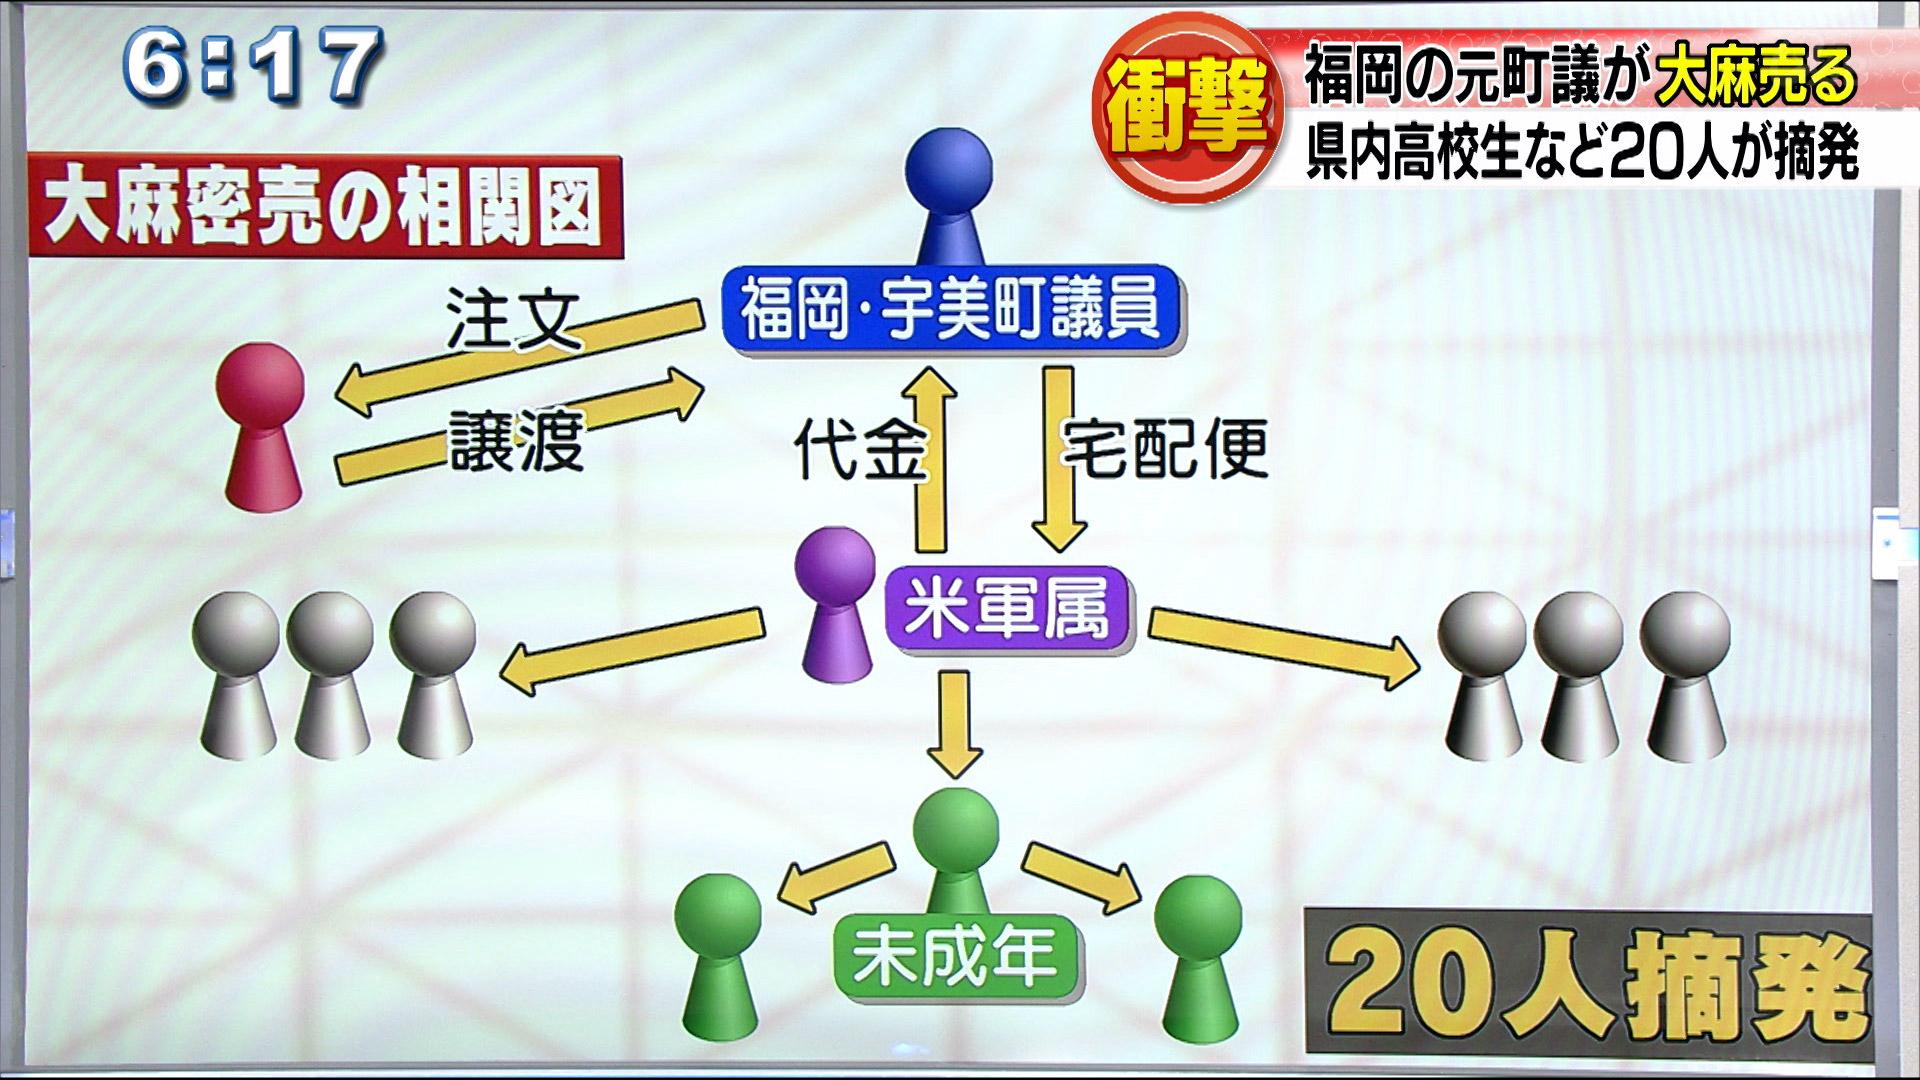 福岡県元町議が大麻売りさばき高校生など20人摘発